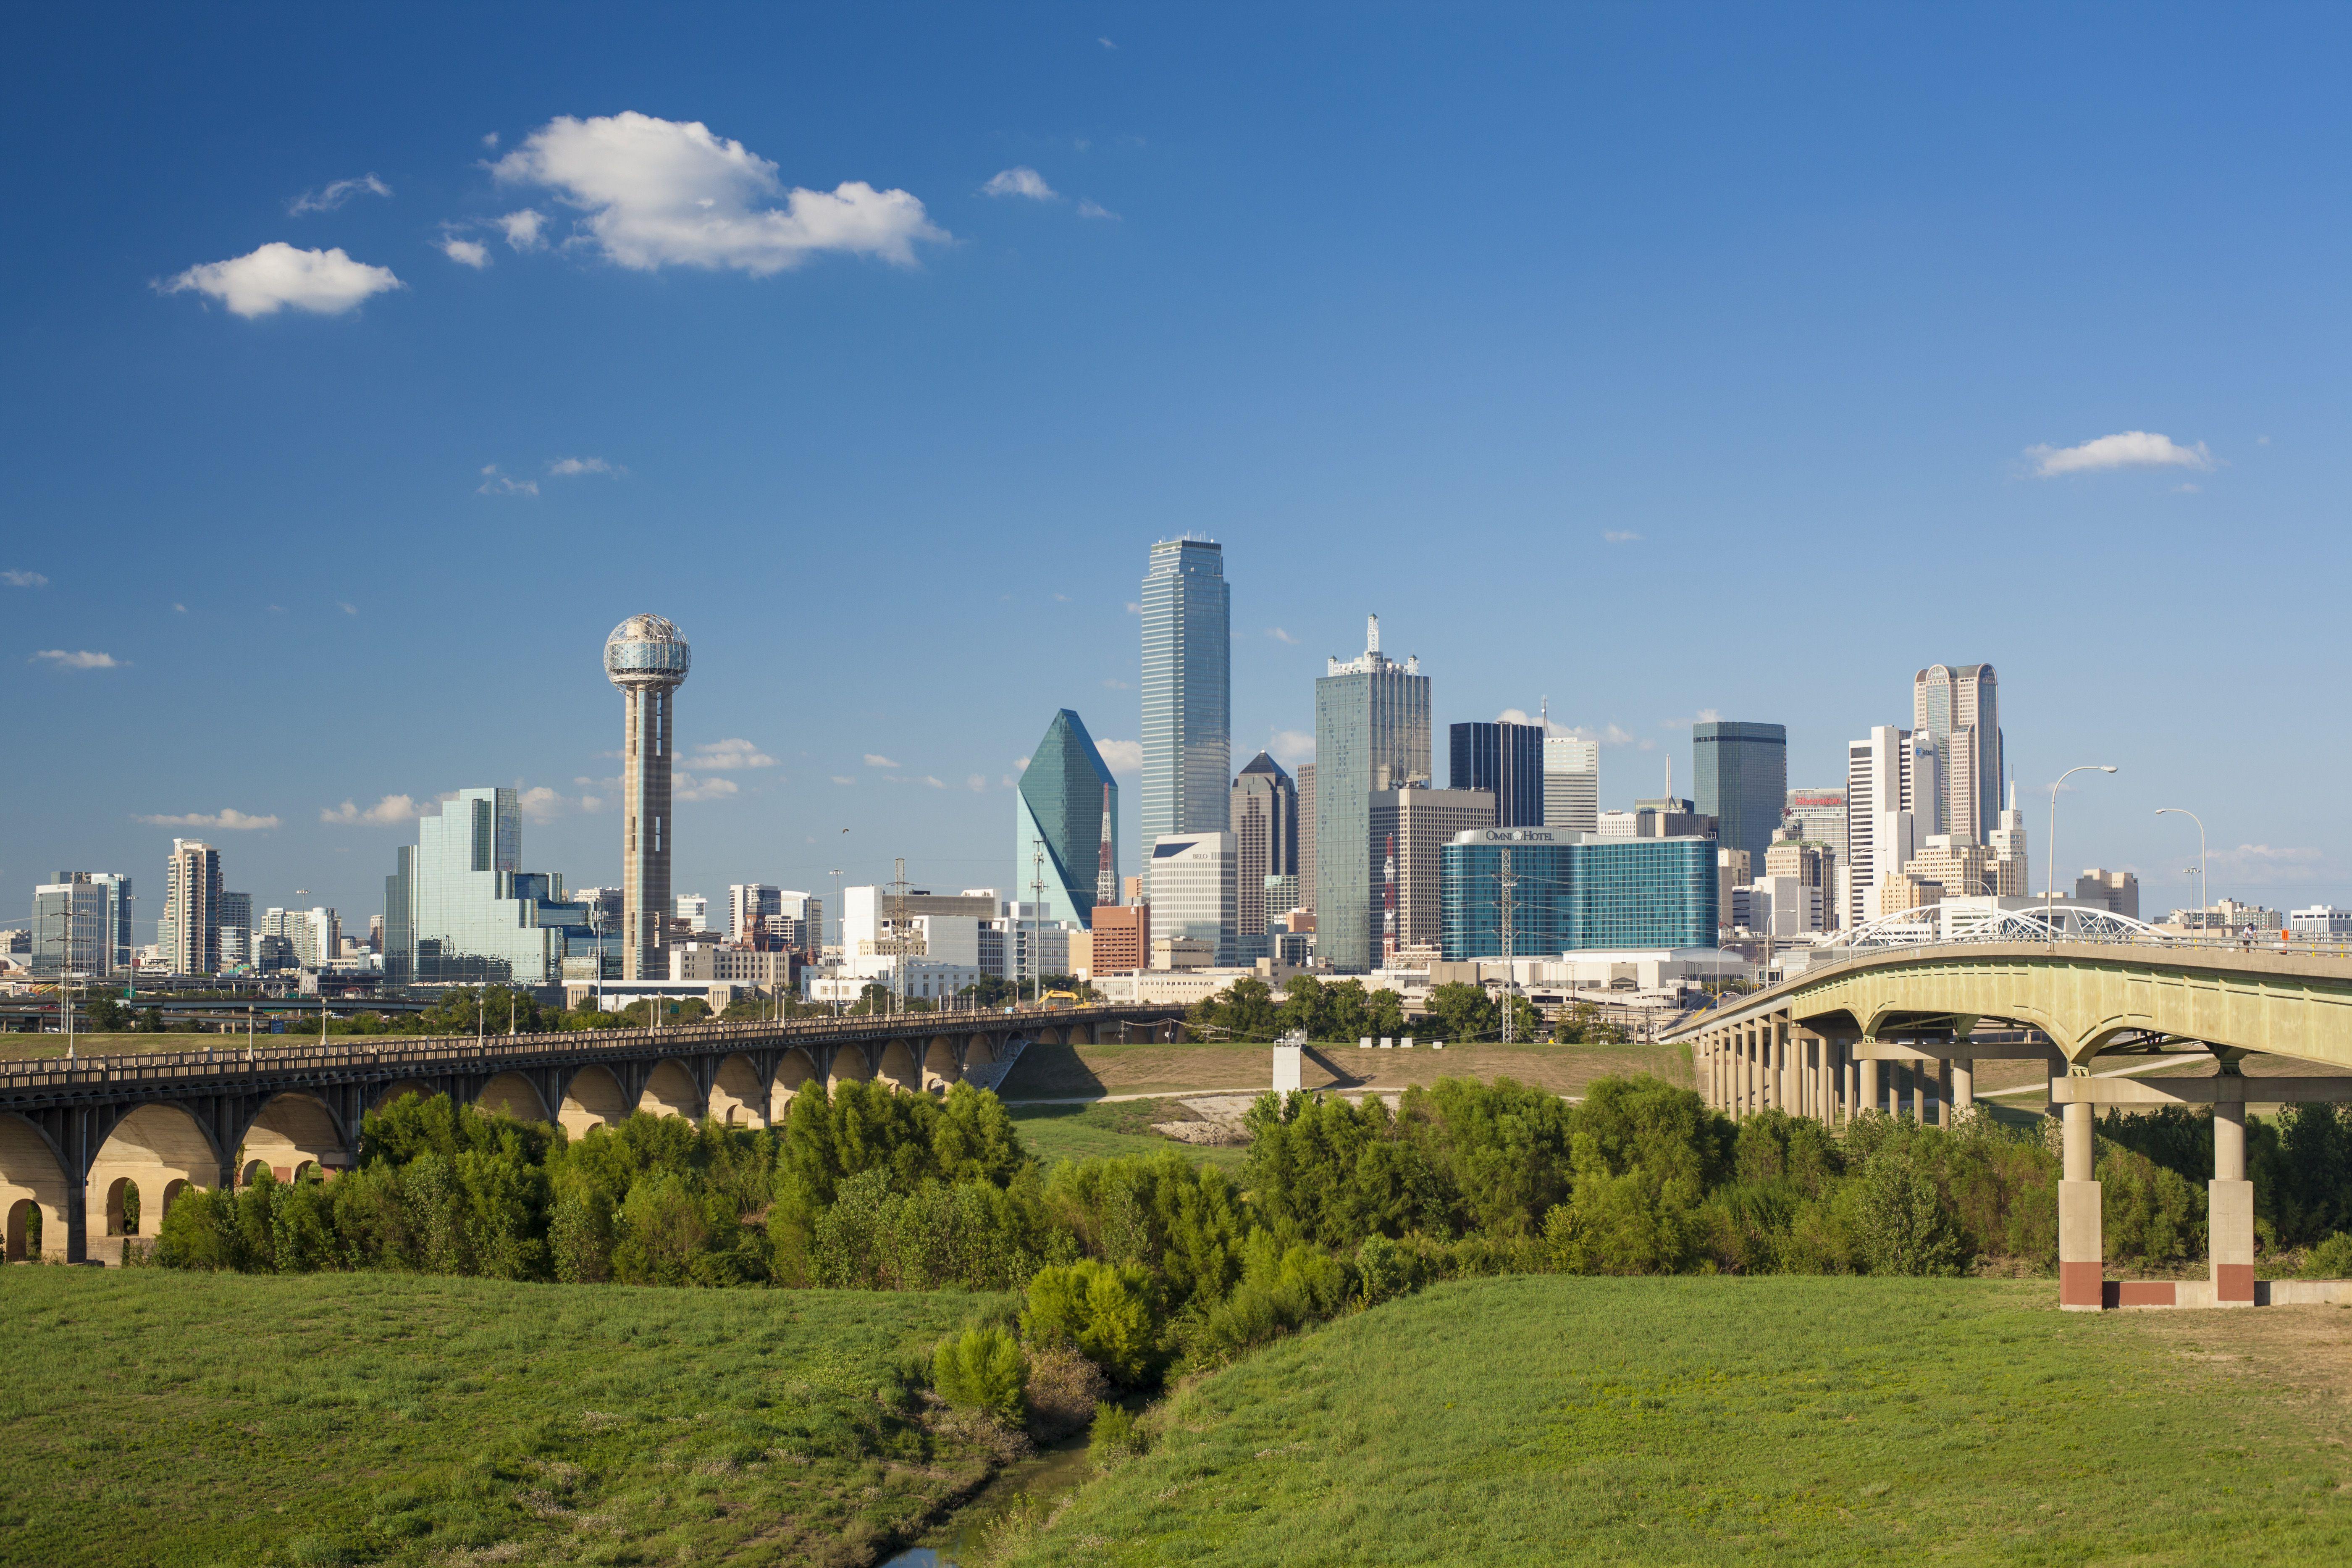 USA, Texas, Dallas, City skyline on sunny day